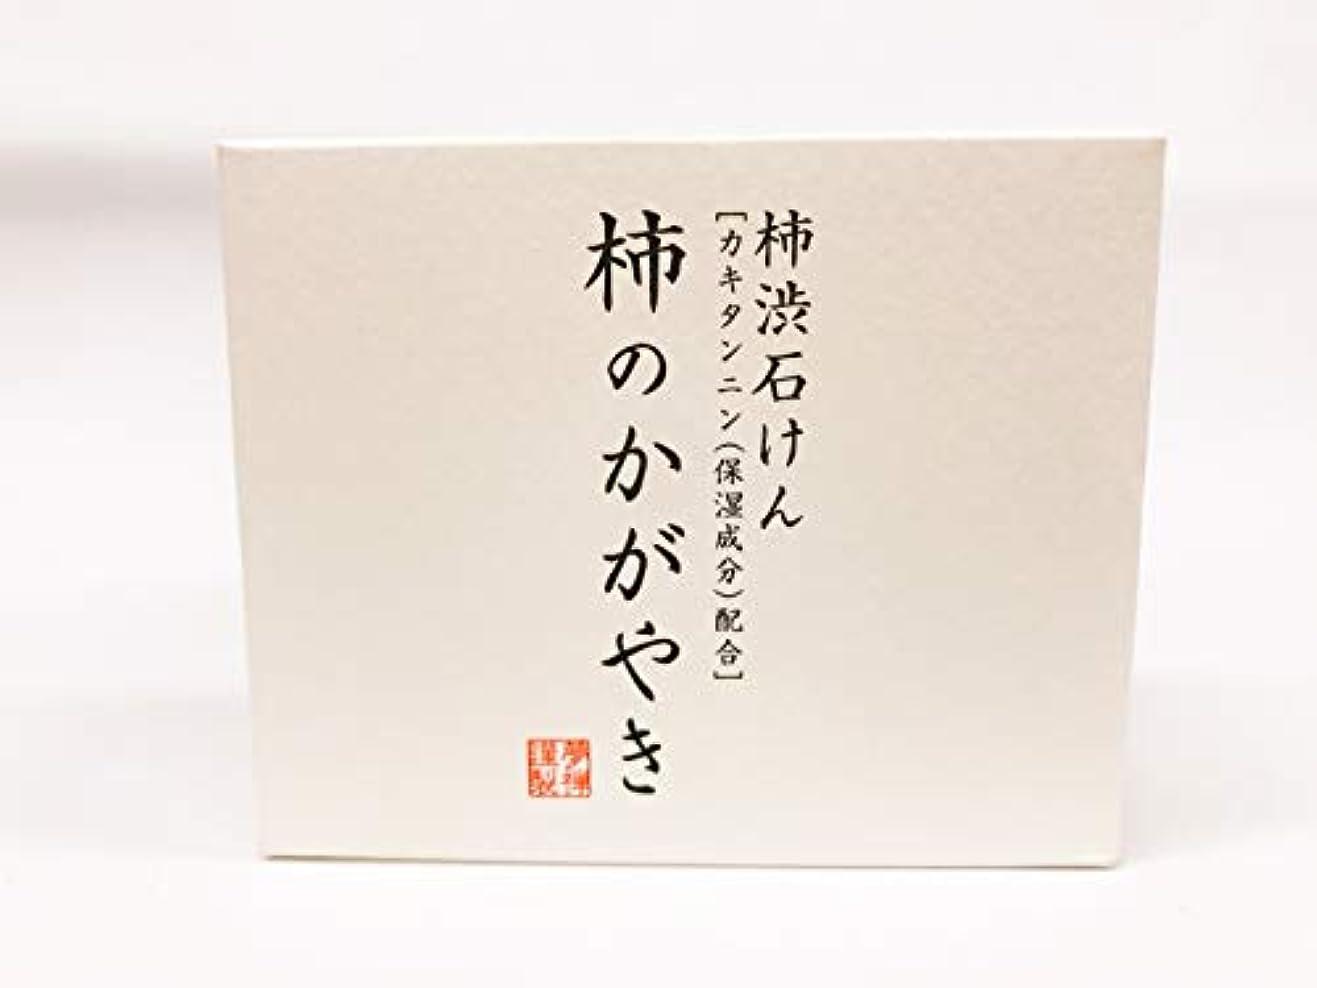 【話題の柿渋石けん!】柿渋石鹸 「柿のかがやき」90g【合成香料?合成着色料不使用!】